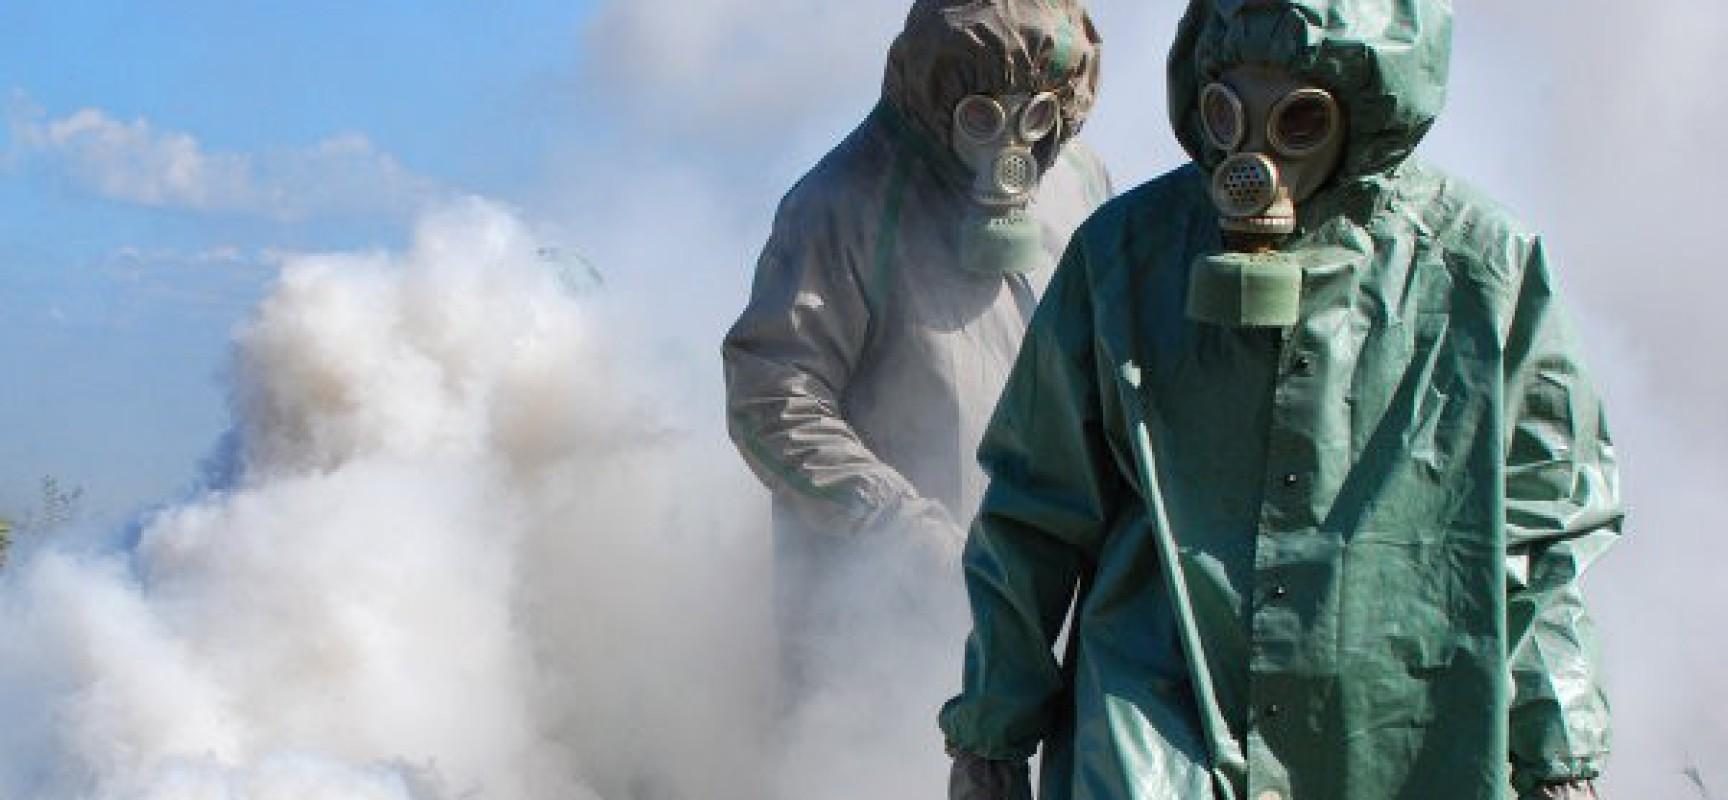 terrorisme chimique2